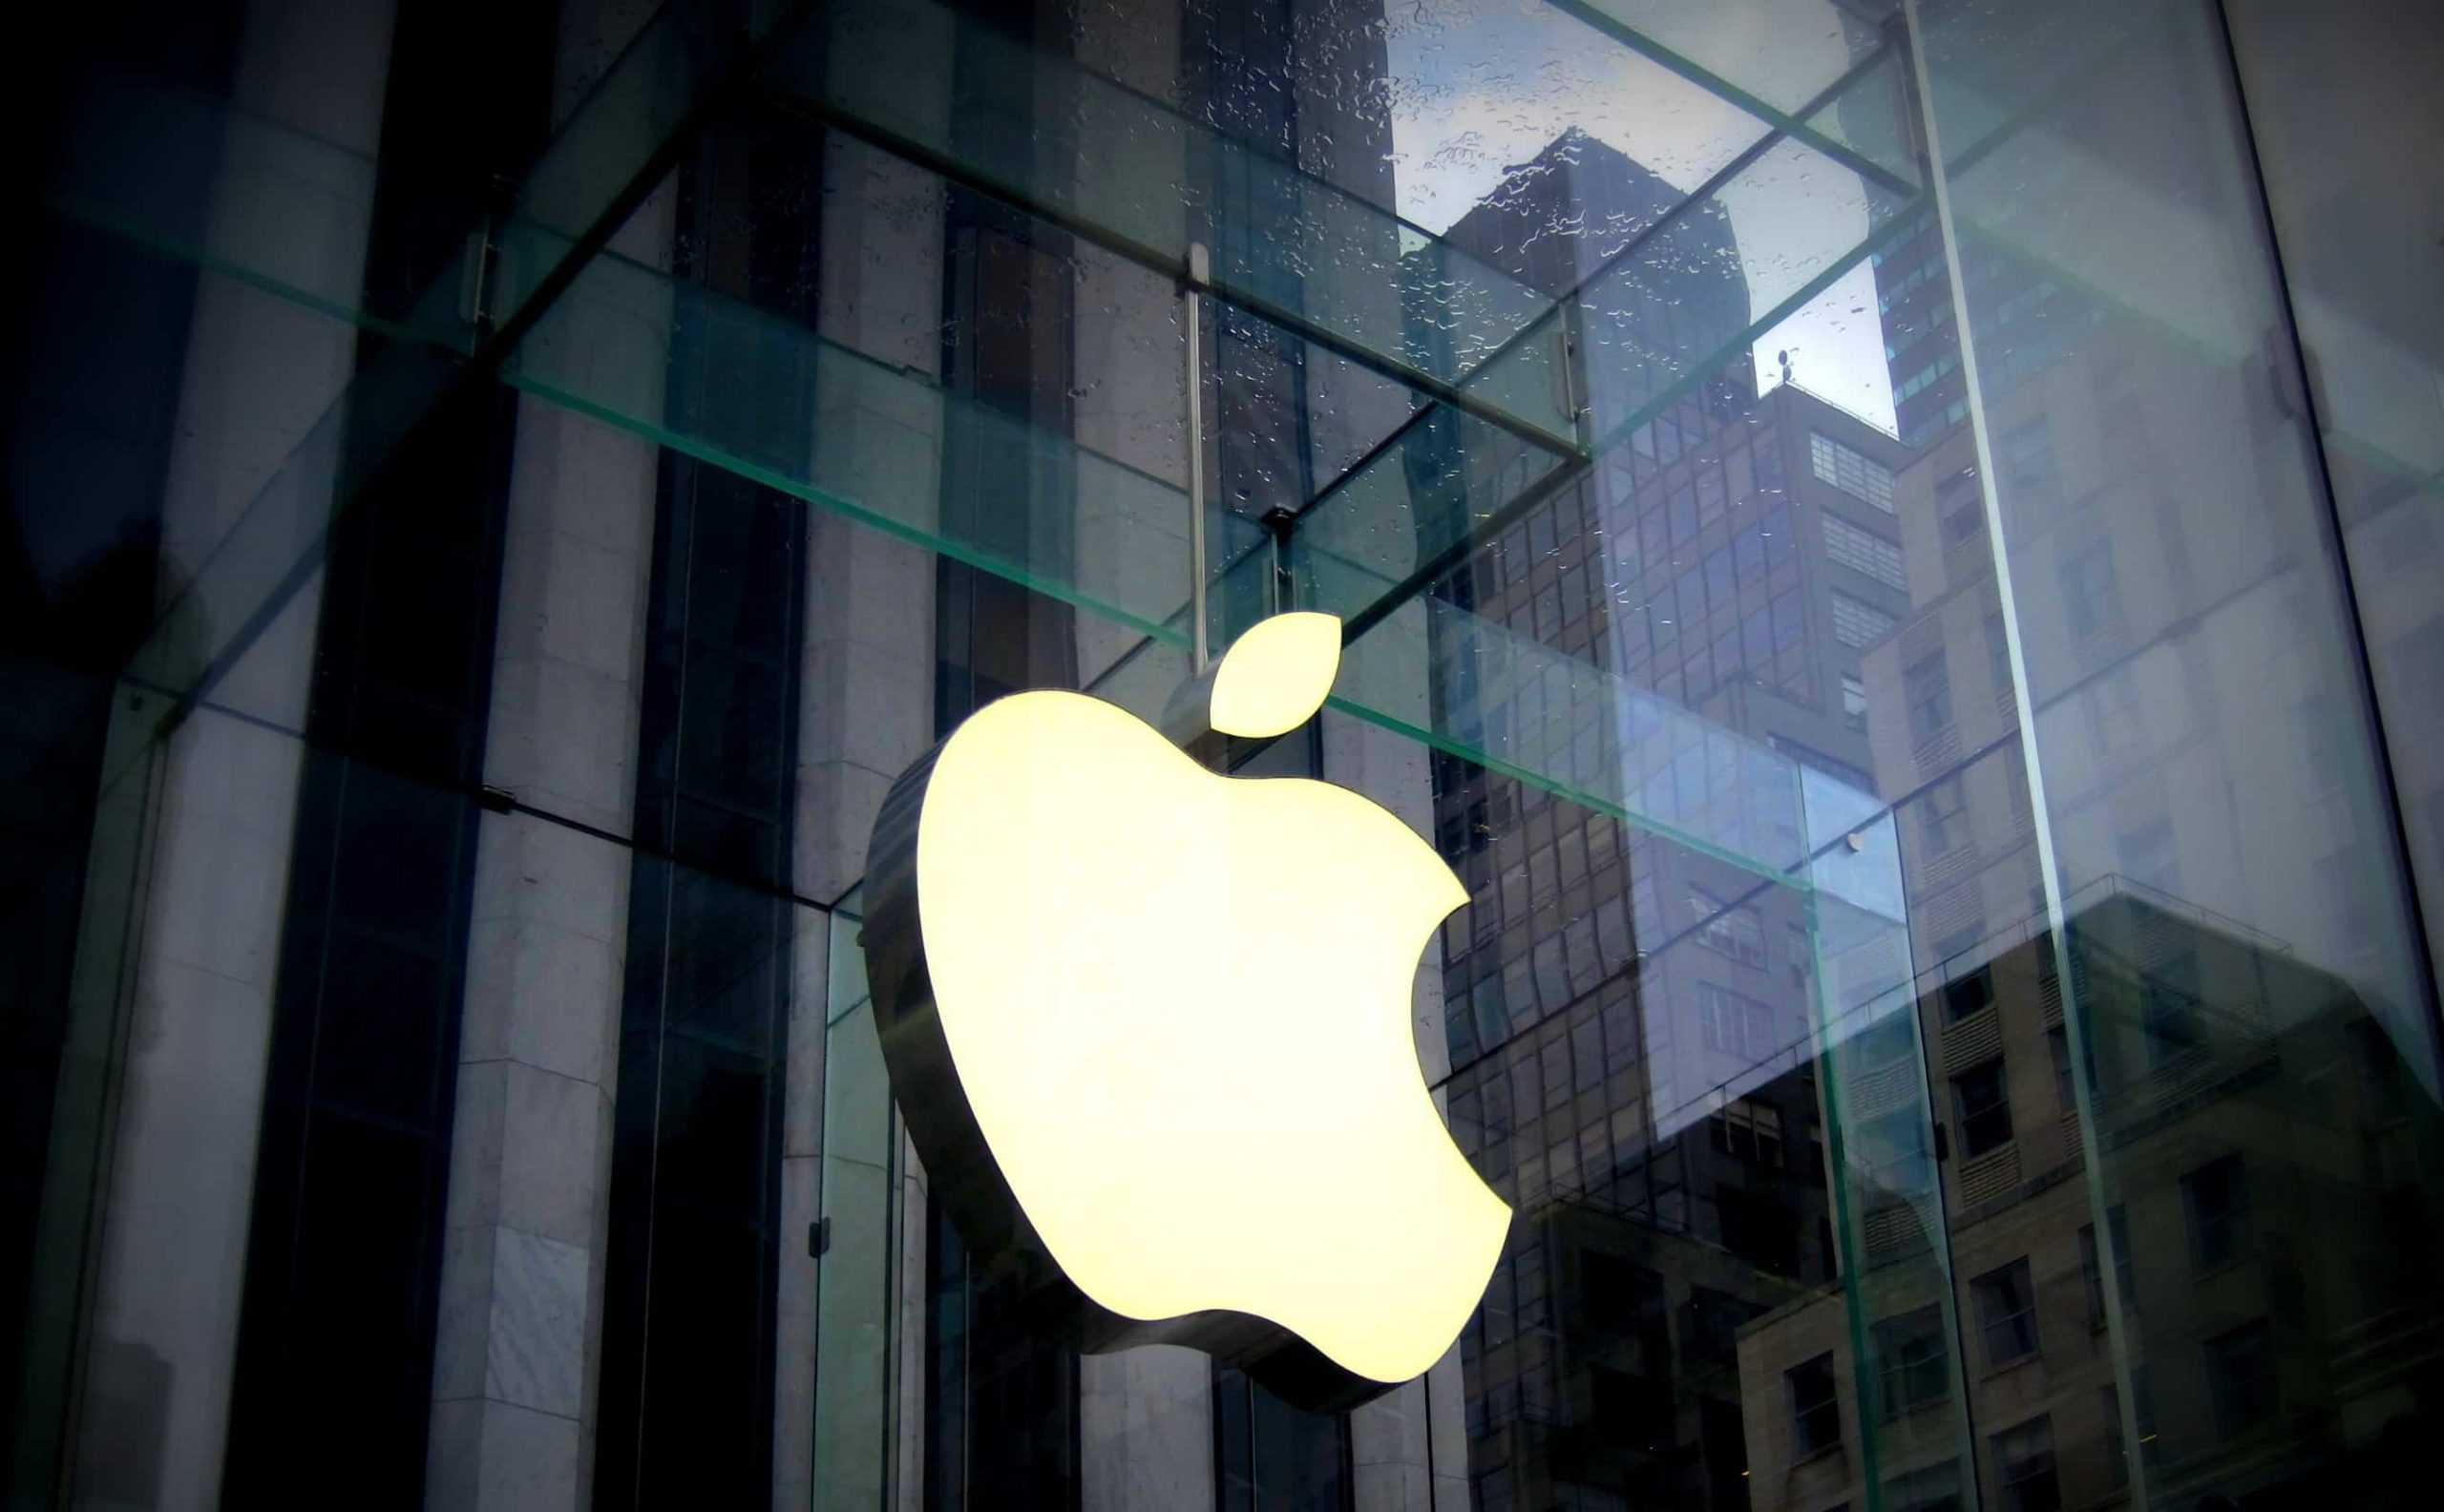 Apple много лет обманывала всех пользователей iphone. теперь ей грозит гигантский штраф - cnews